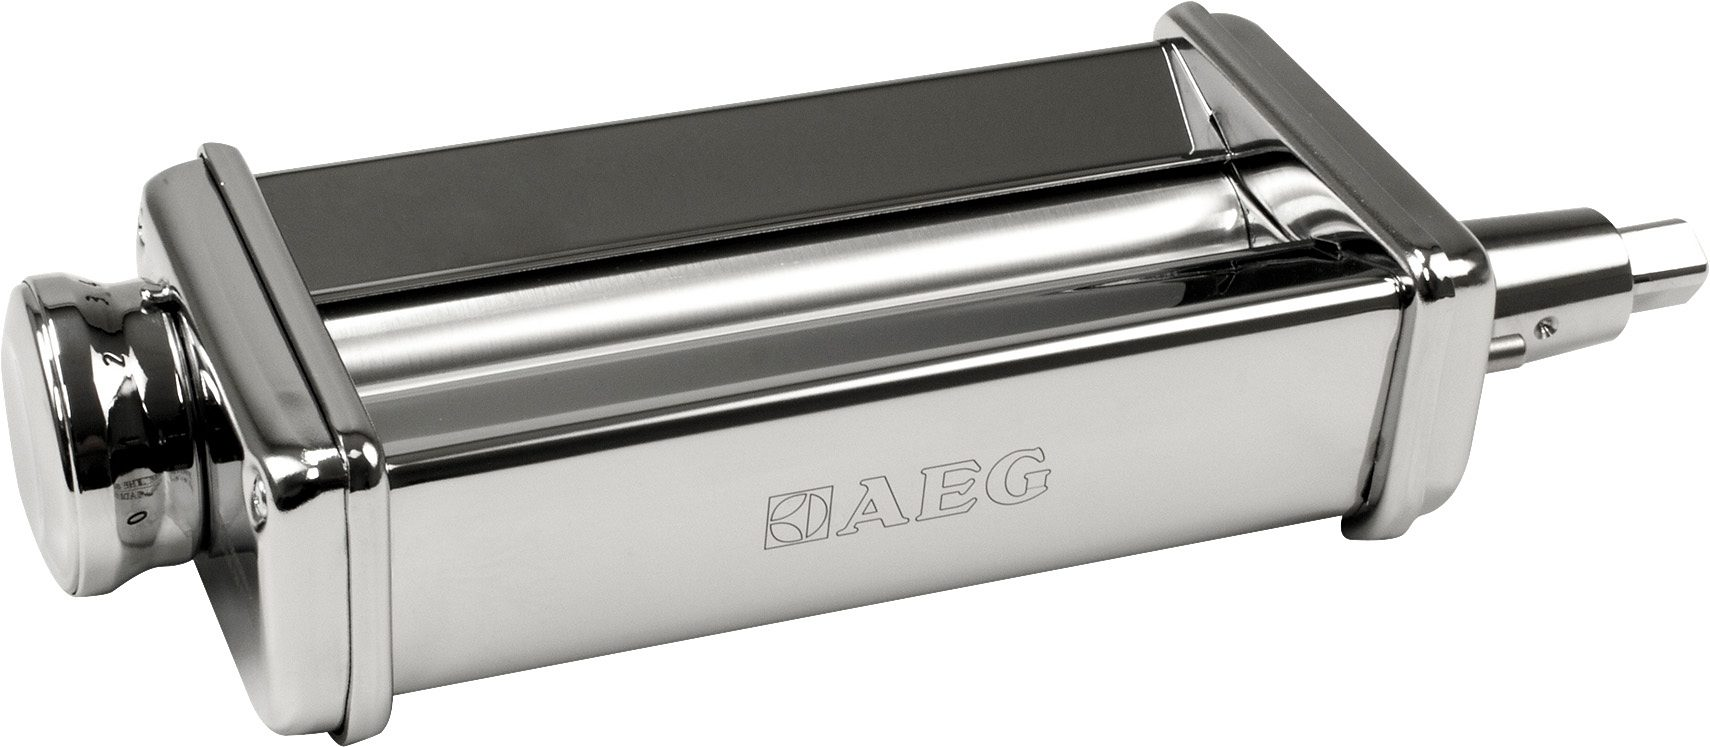 AEG Pasta Roller AUM PR: passend für AEG Küchenmaschinen KM4400/KM4000